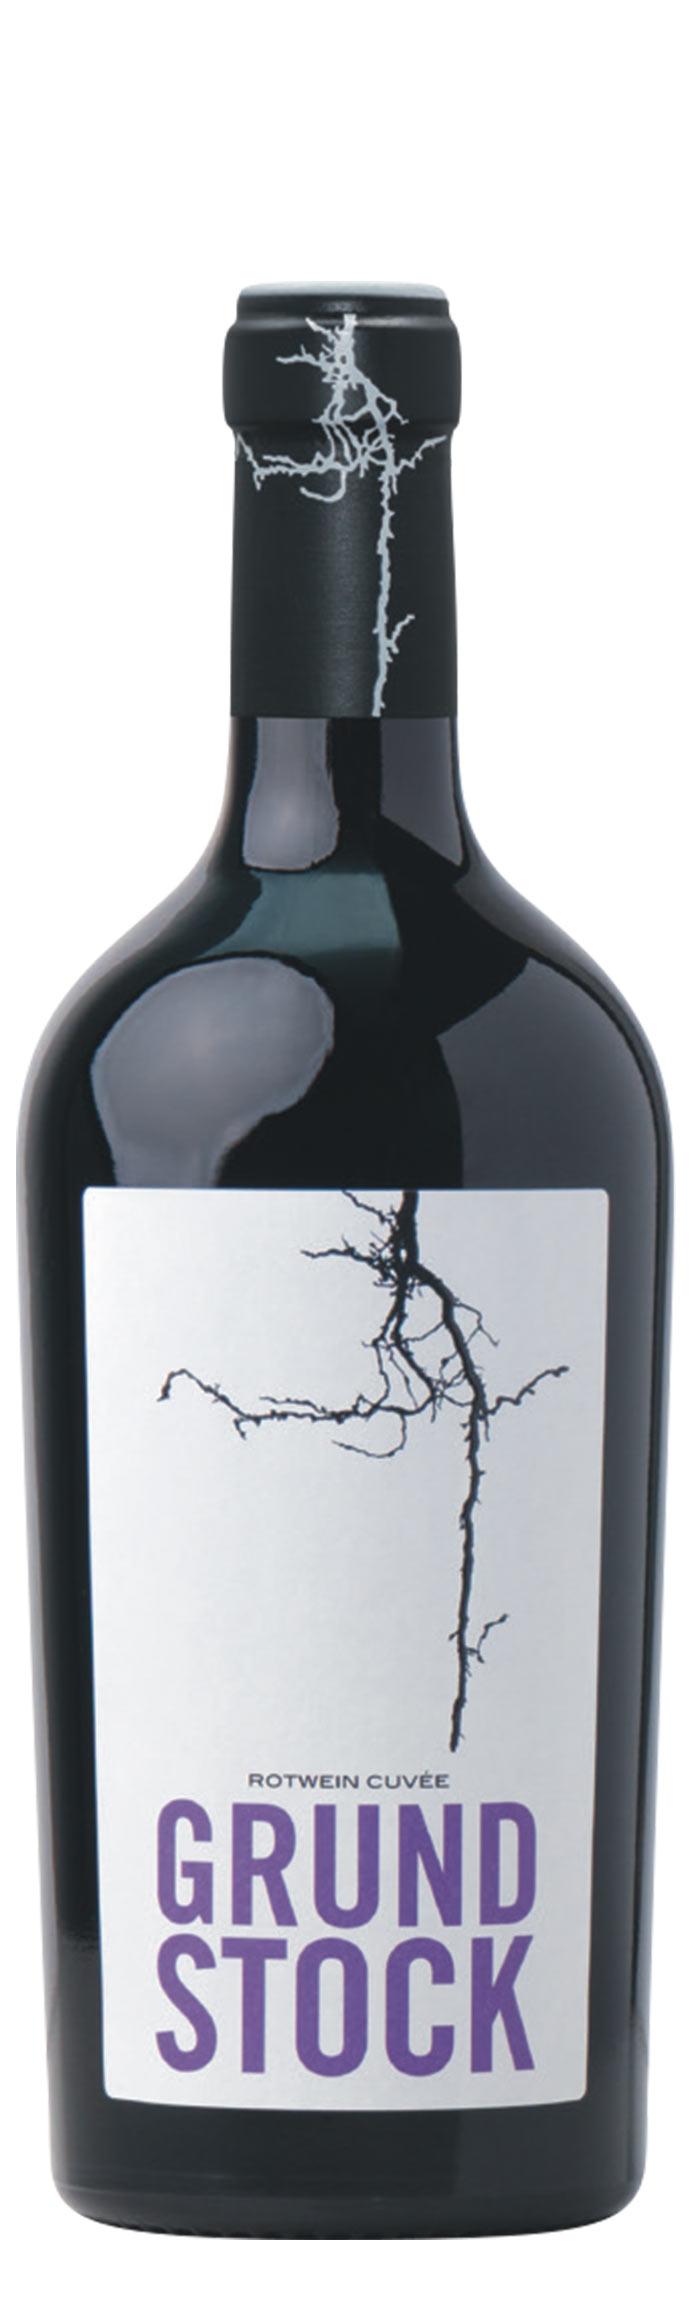 Grundstock Rotwein 2016